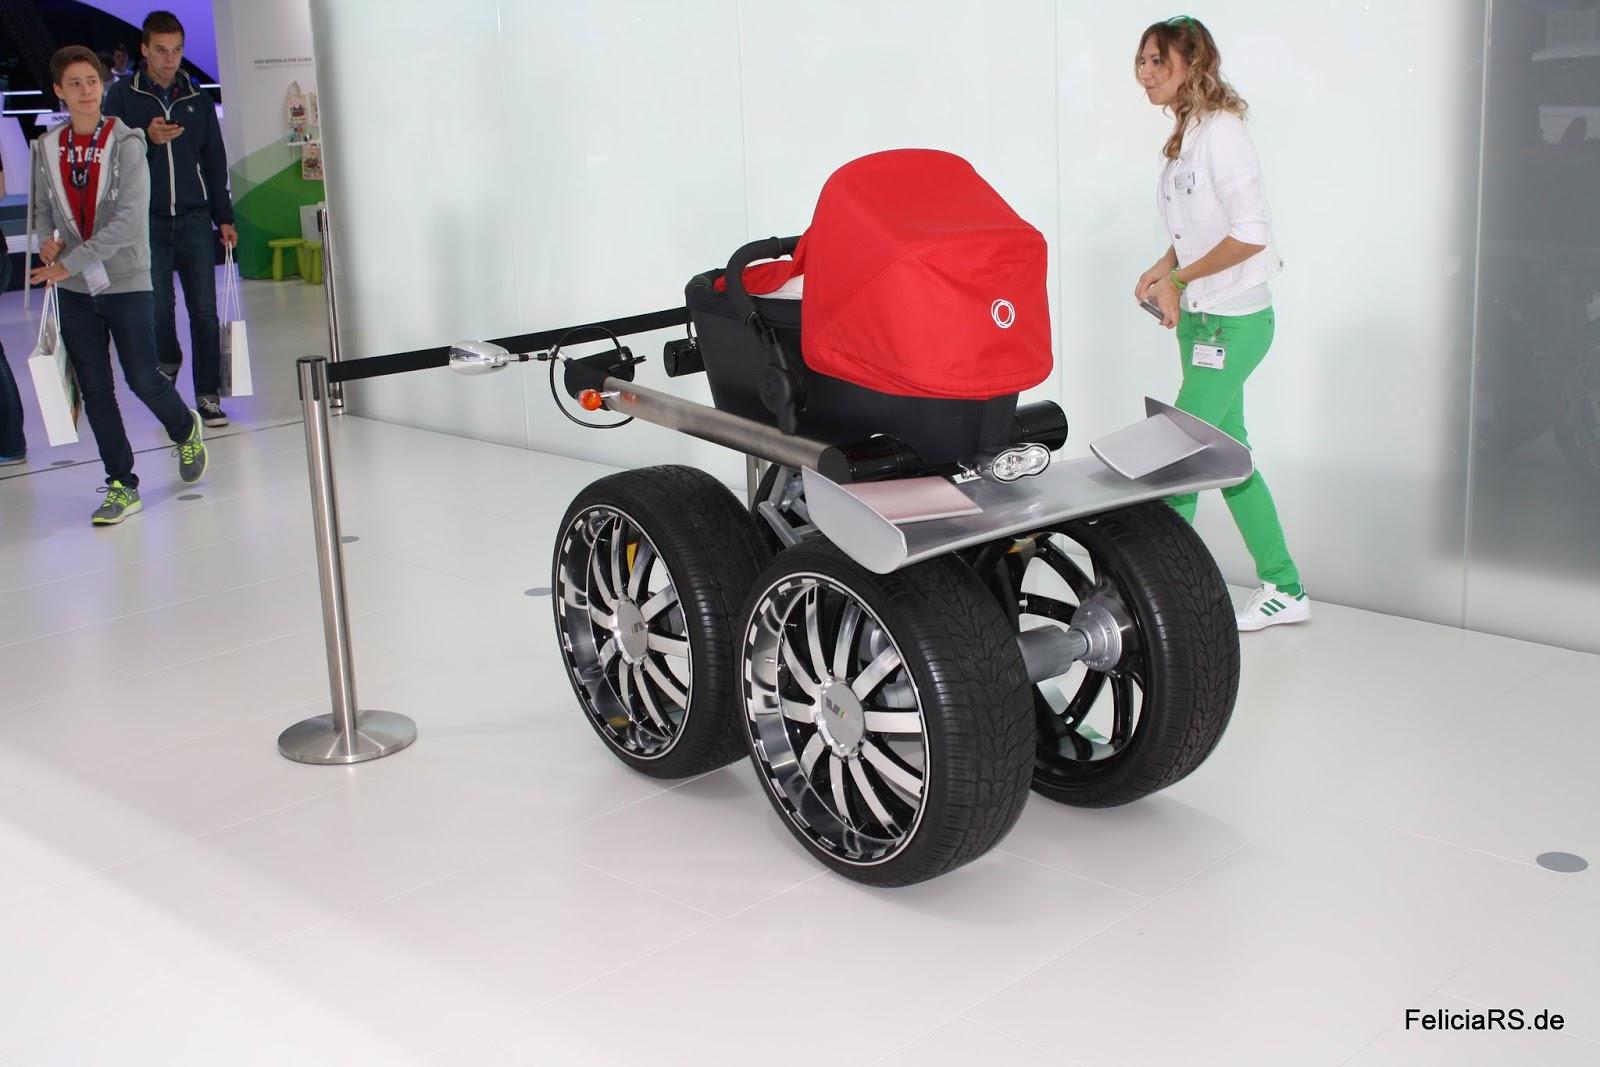 Der Medial viel beachtete RS Kinderwagen war auch da!